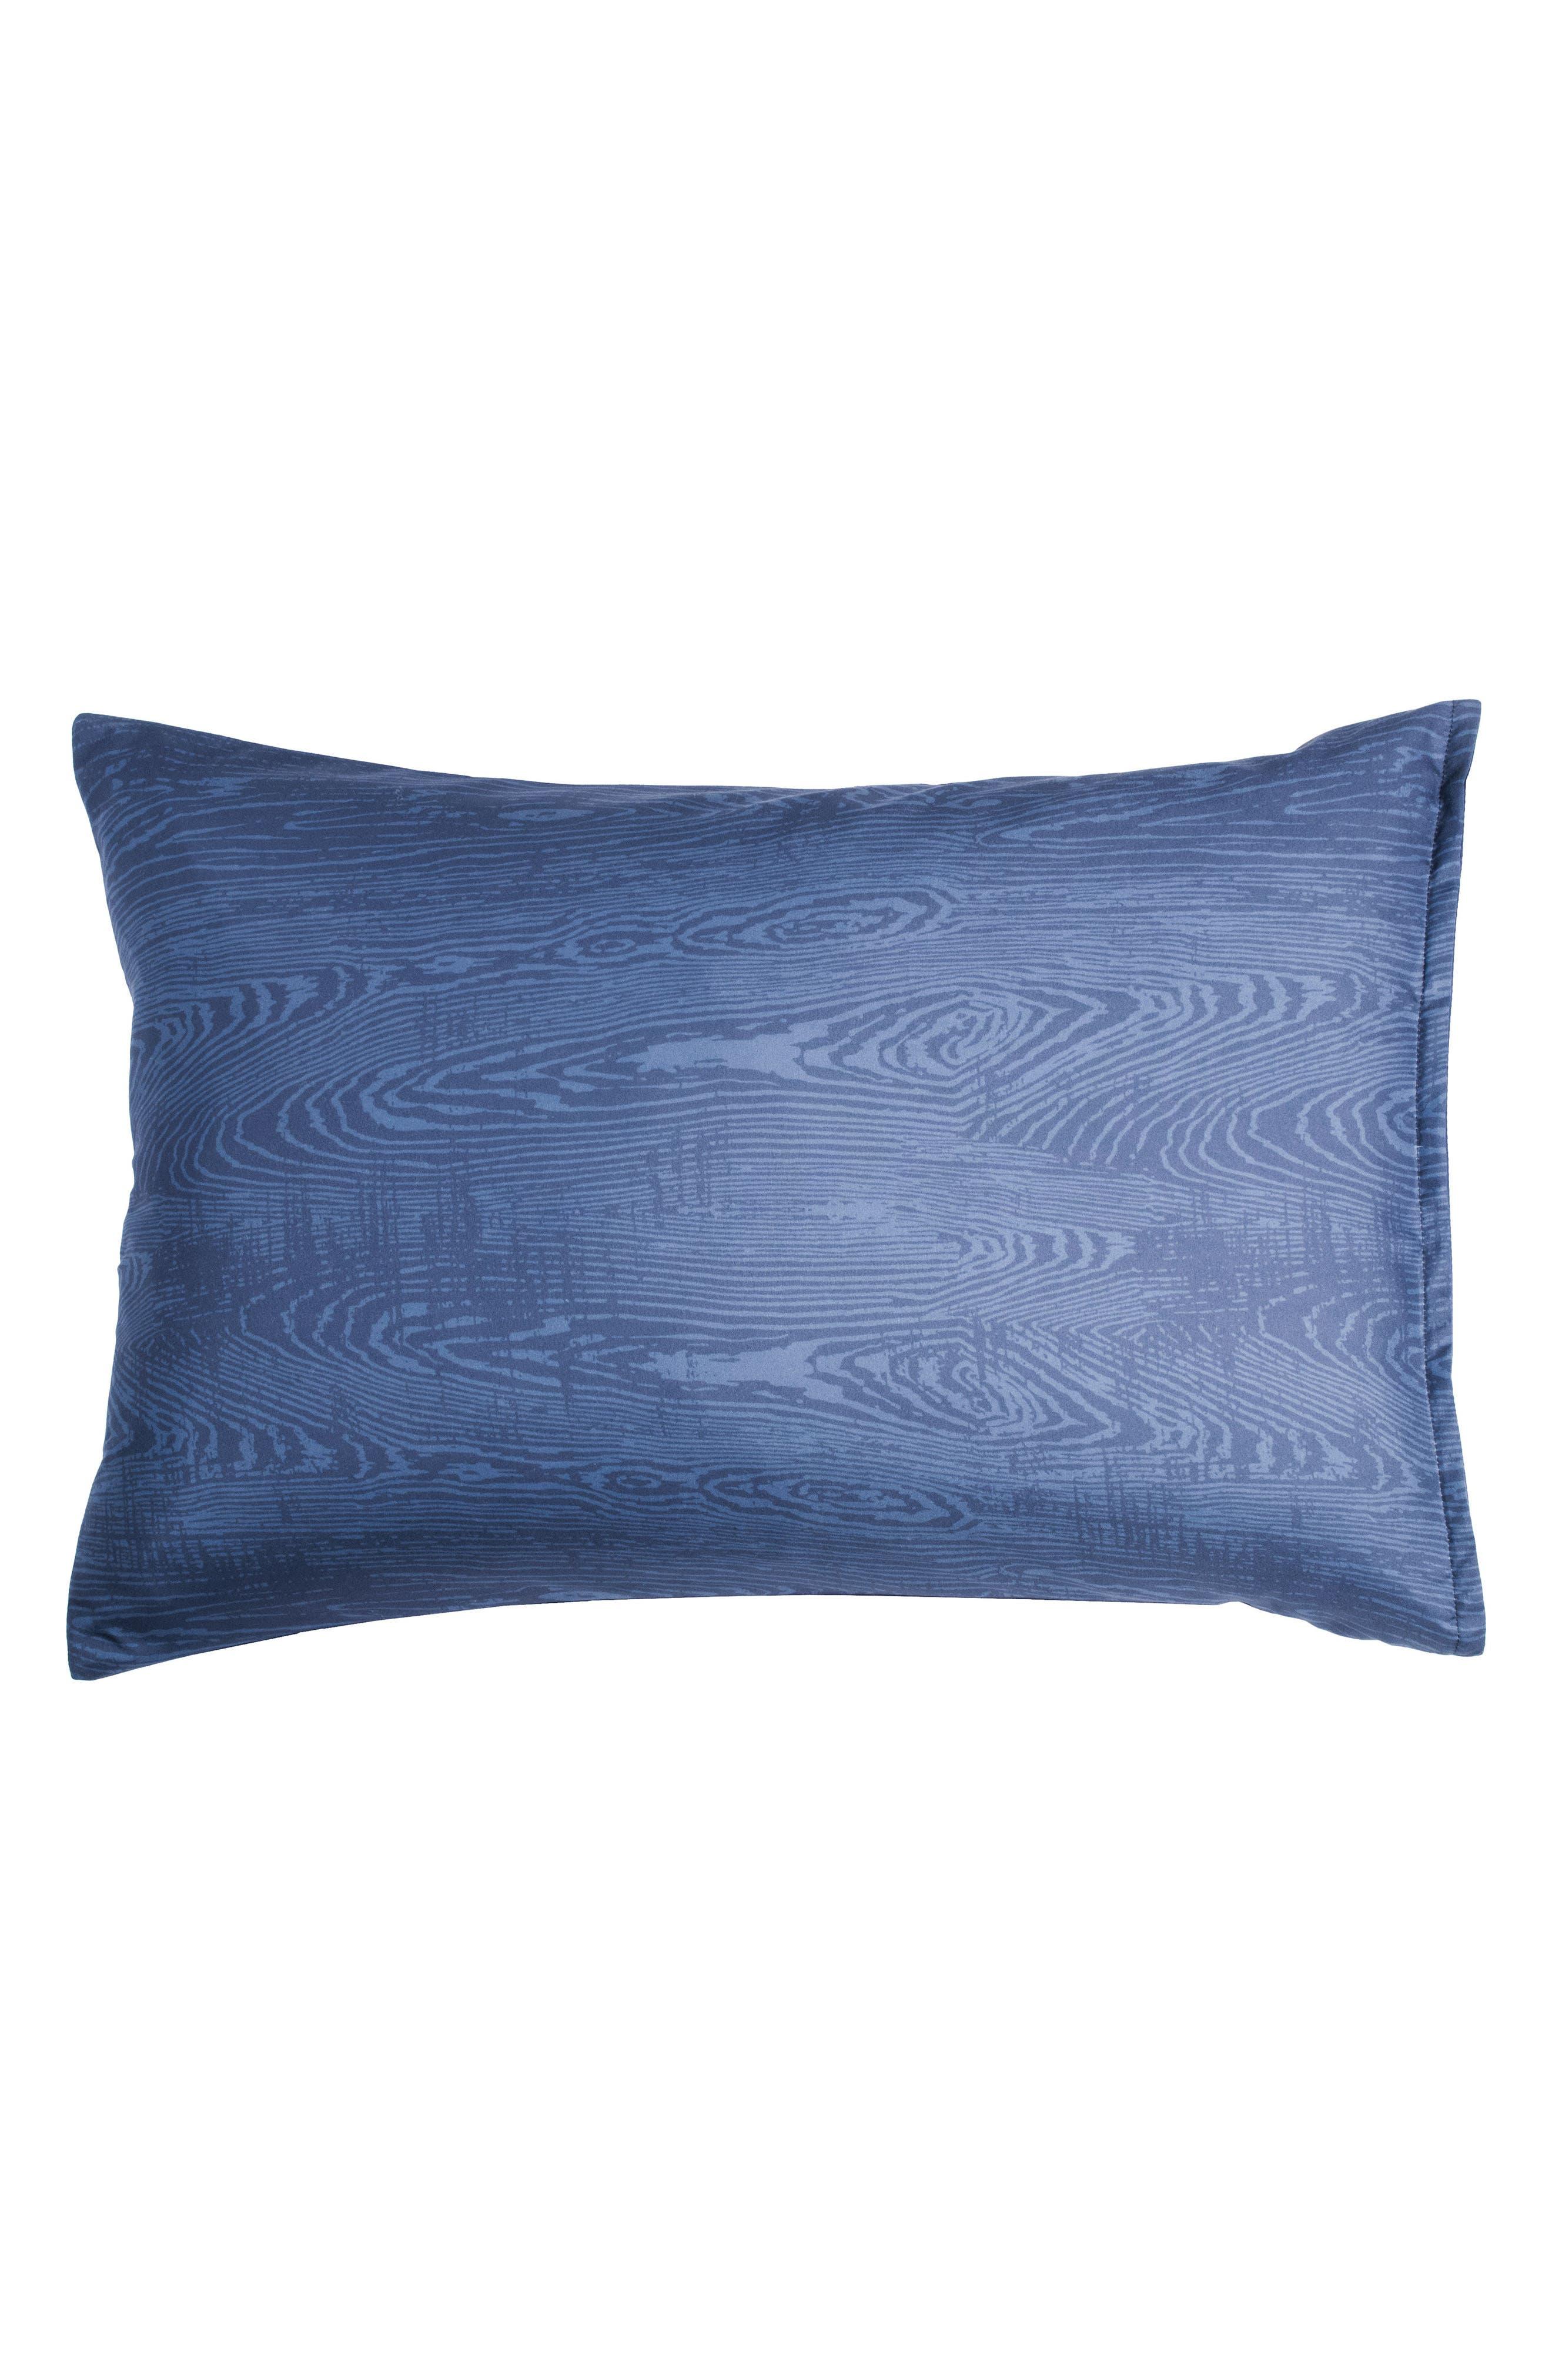 Woodgrain Comforter & Sham Set,                             Alternate thumbnail 2, color,                             Navy